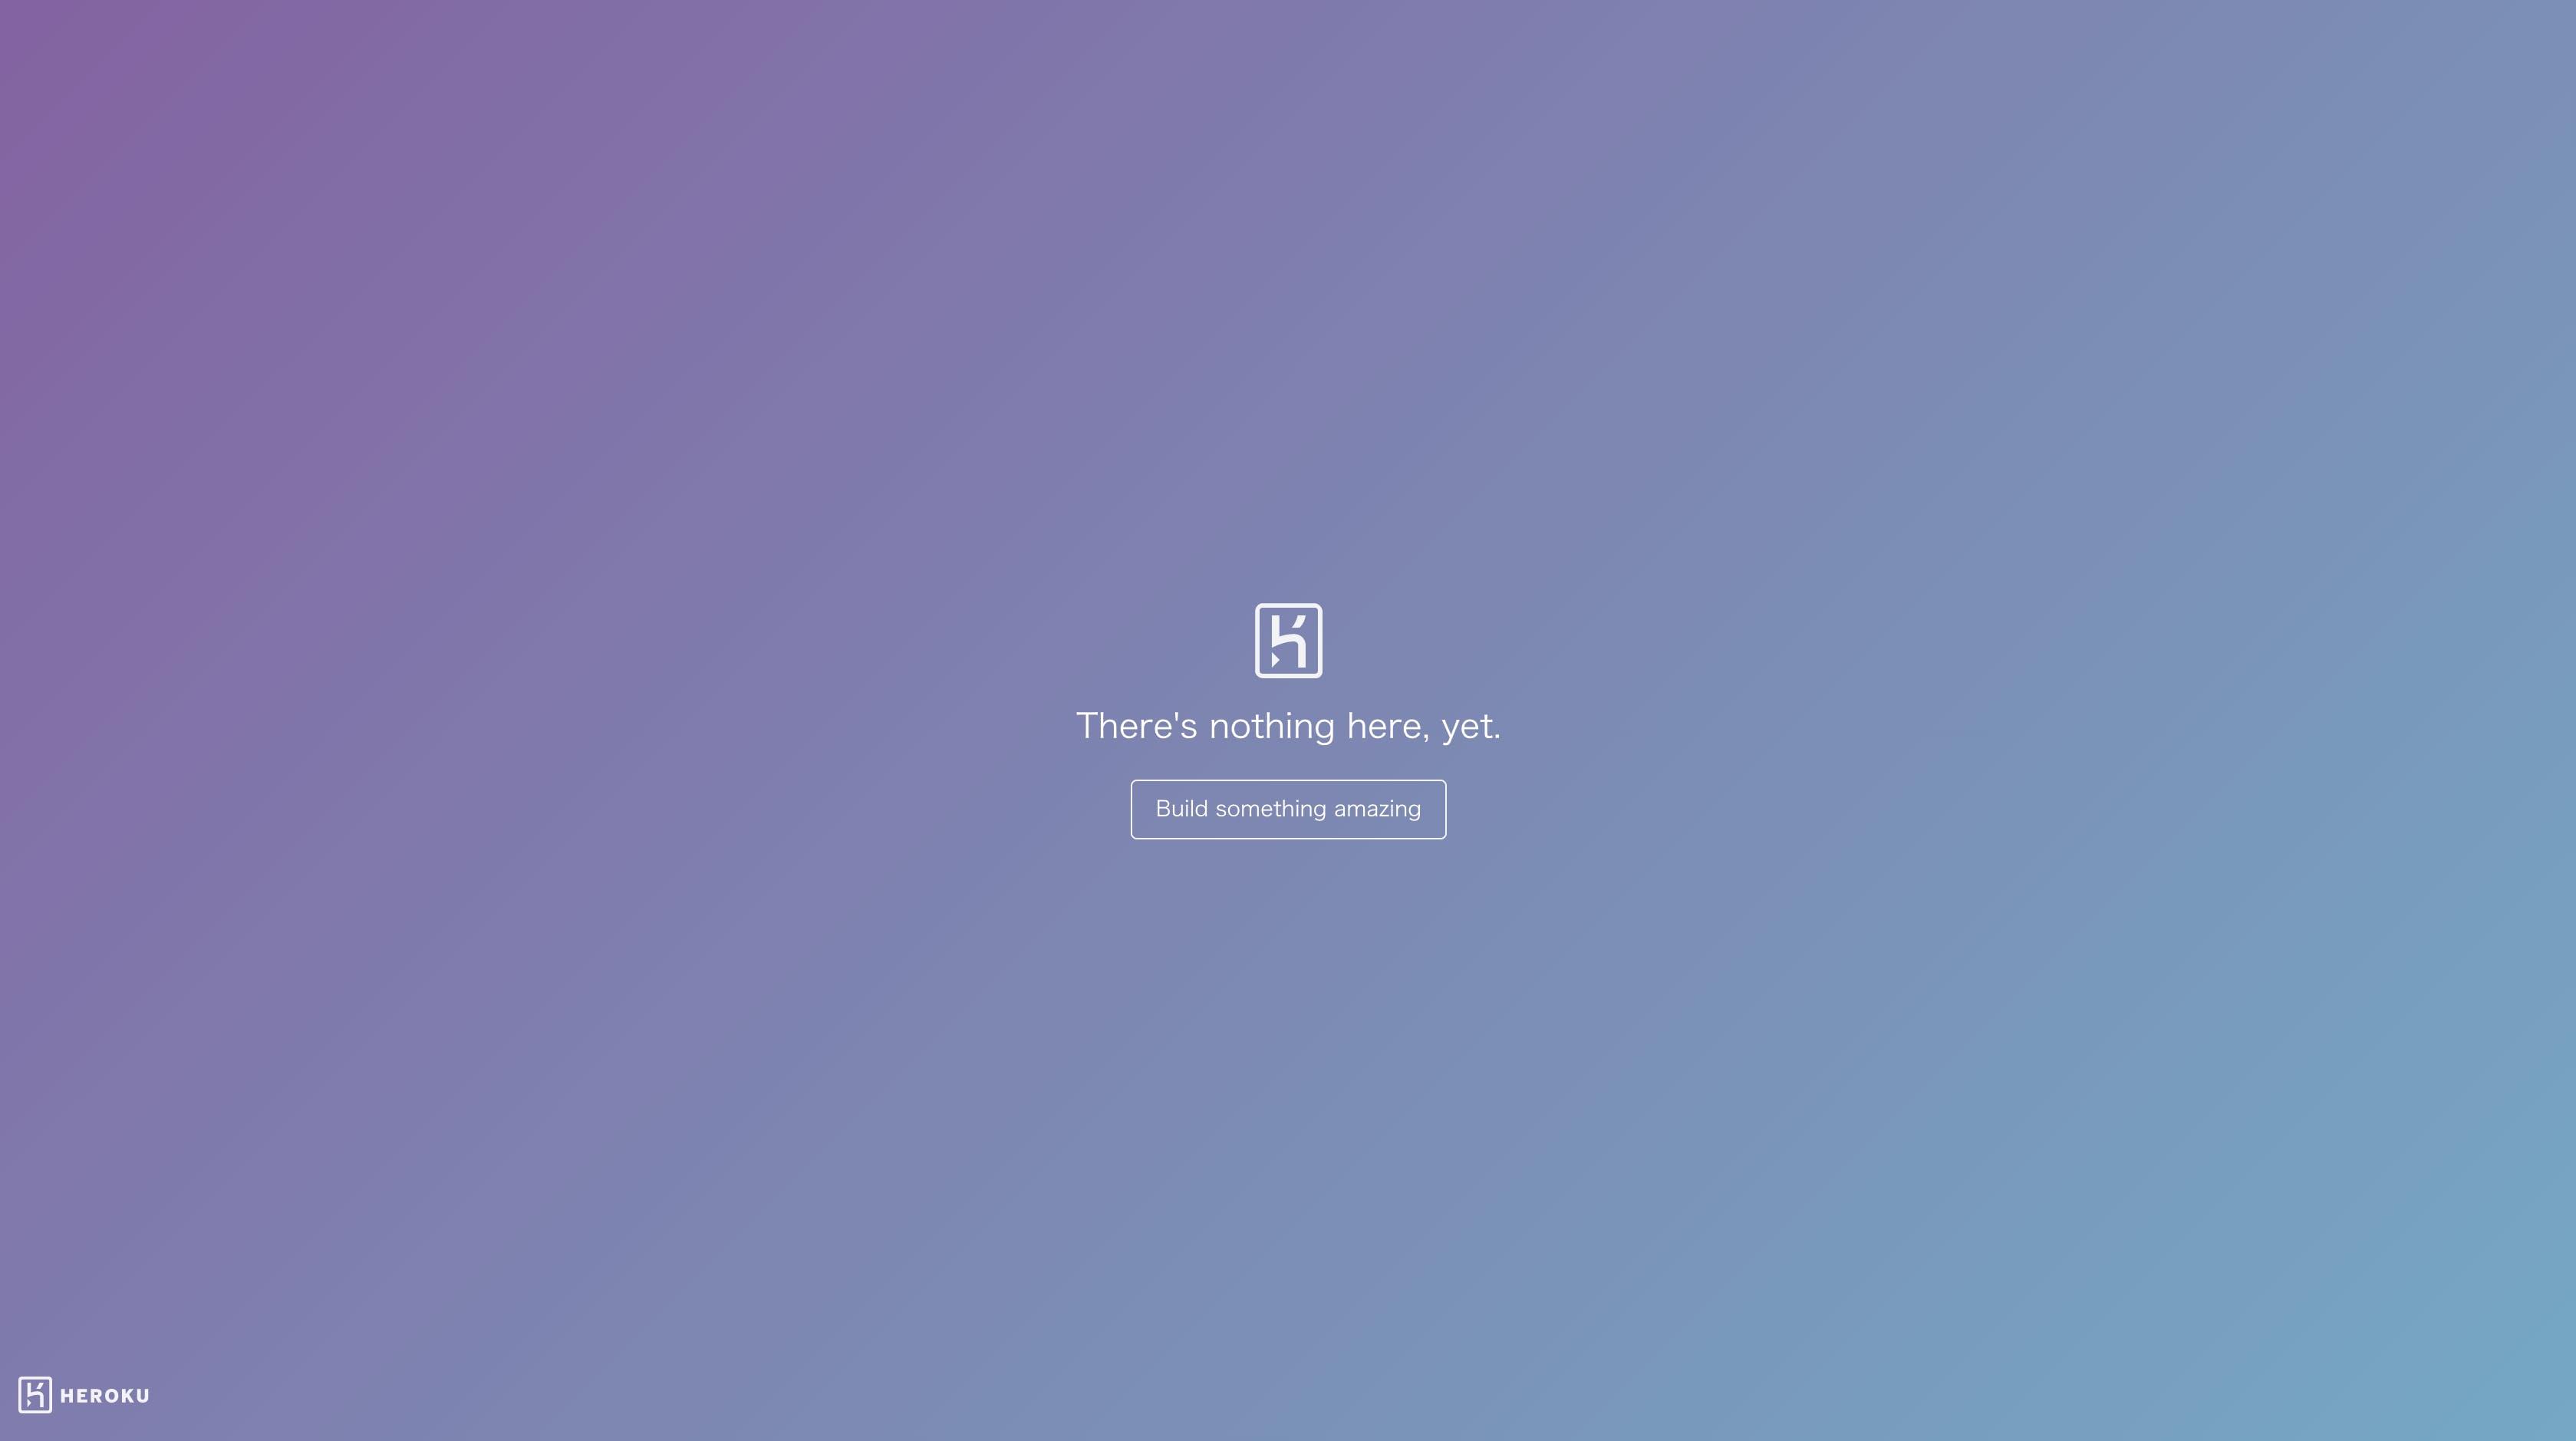 スクリーンショット 2019-05-15 22.10.52.png